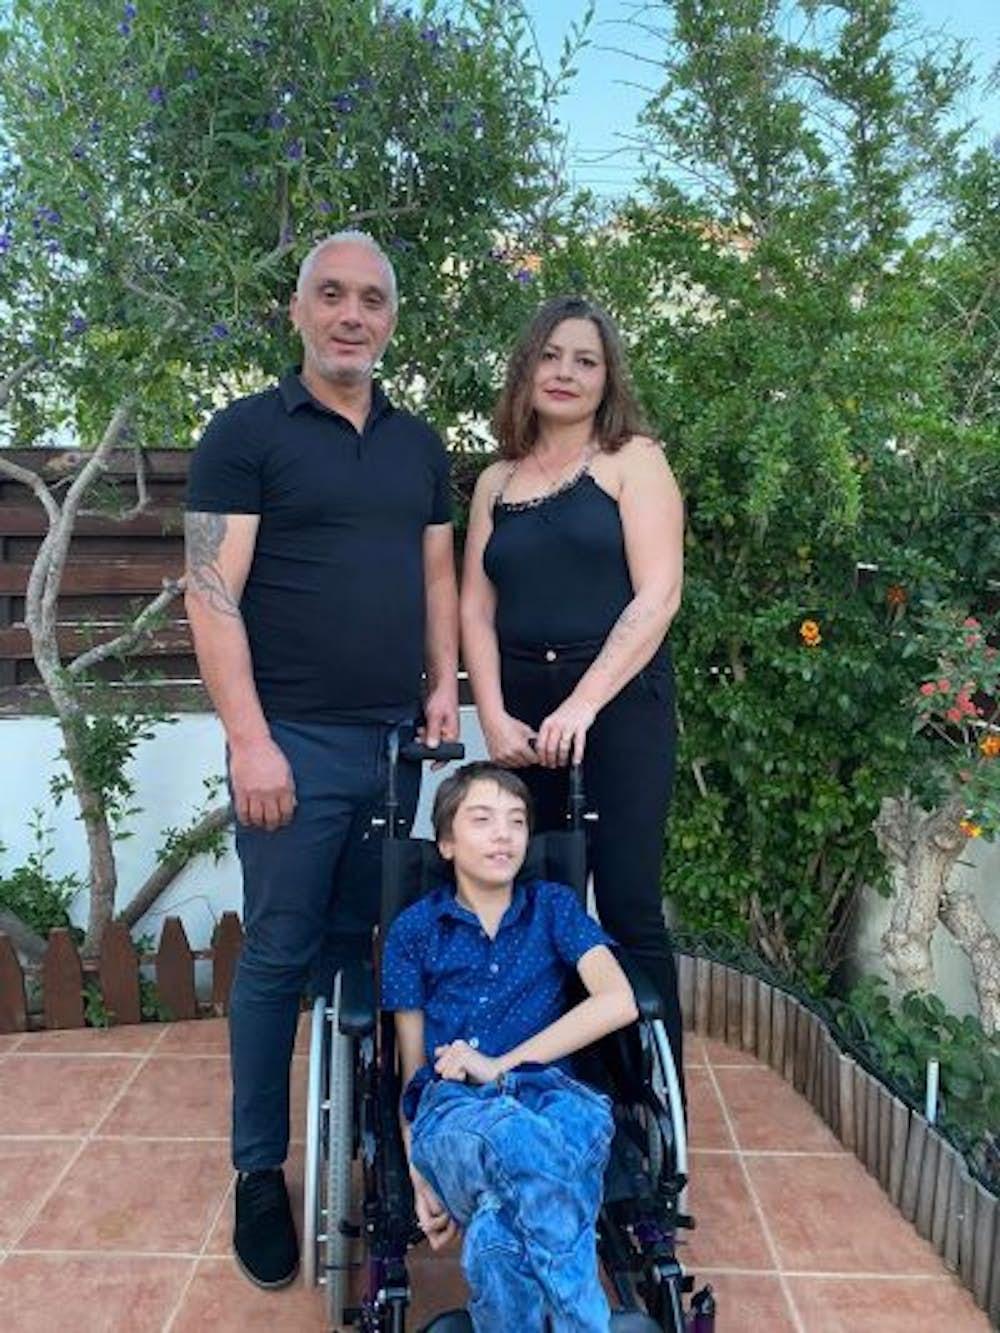 The Manea Family